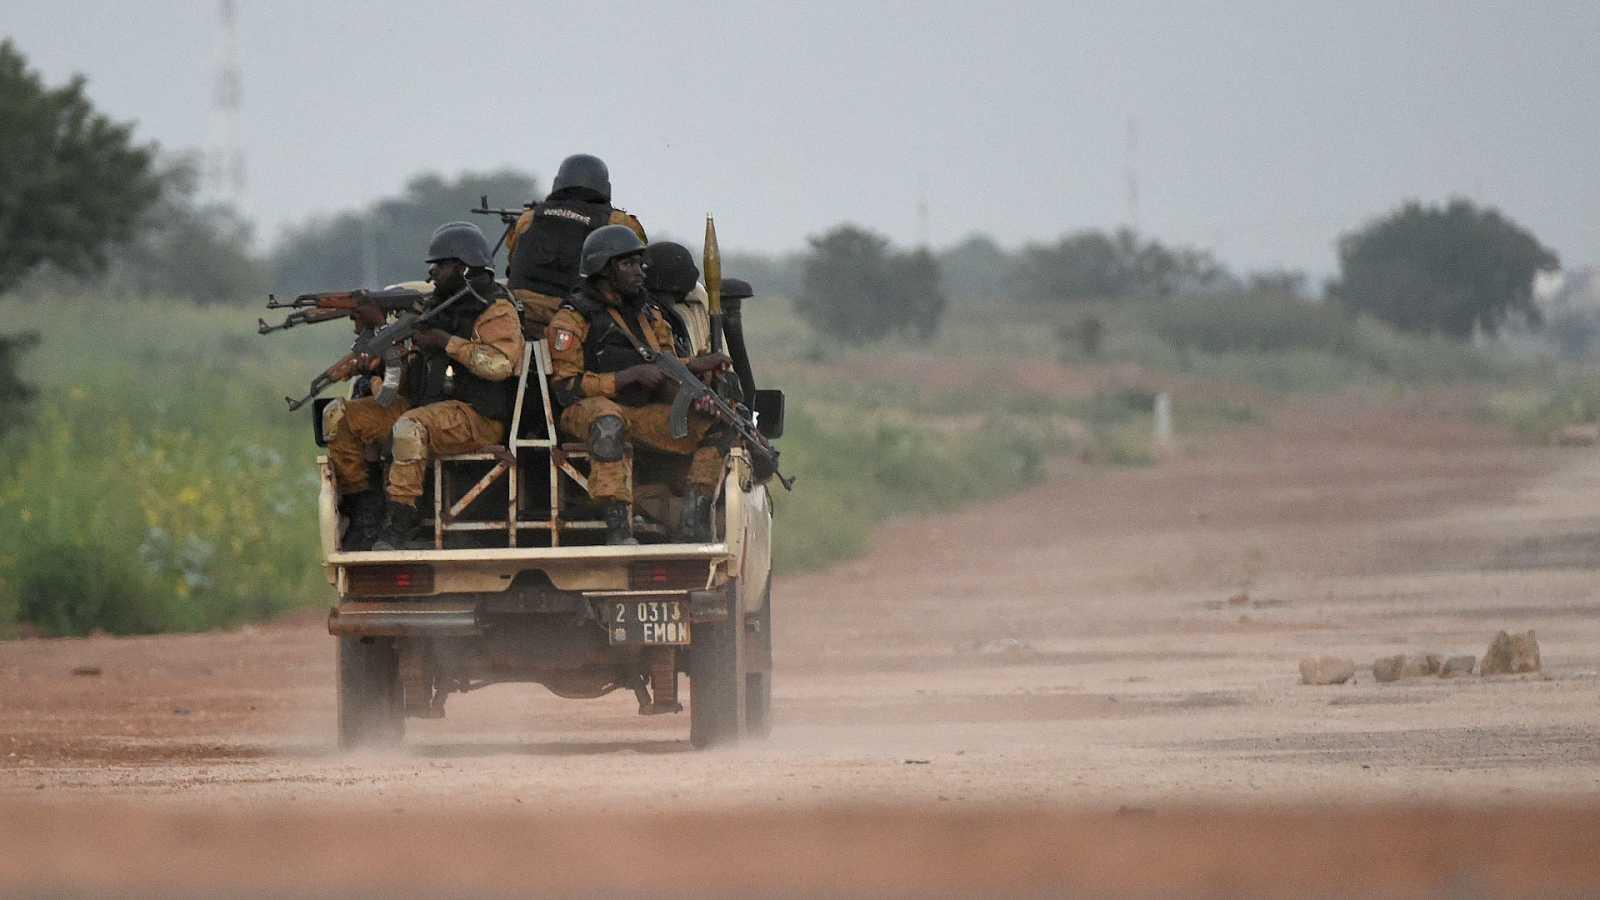 """Reporteros Sin Fronteras lamenta que haya """"triunfado el mal"""" en Burkina Faso y reconoce la trayectoria de los dos periodistas asesinados"""